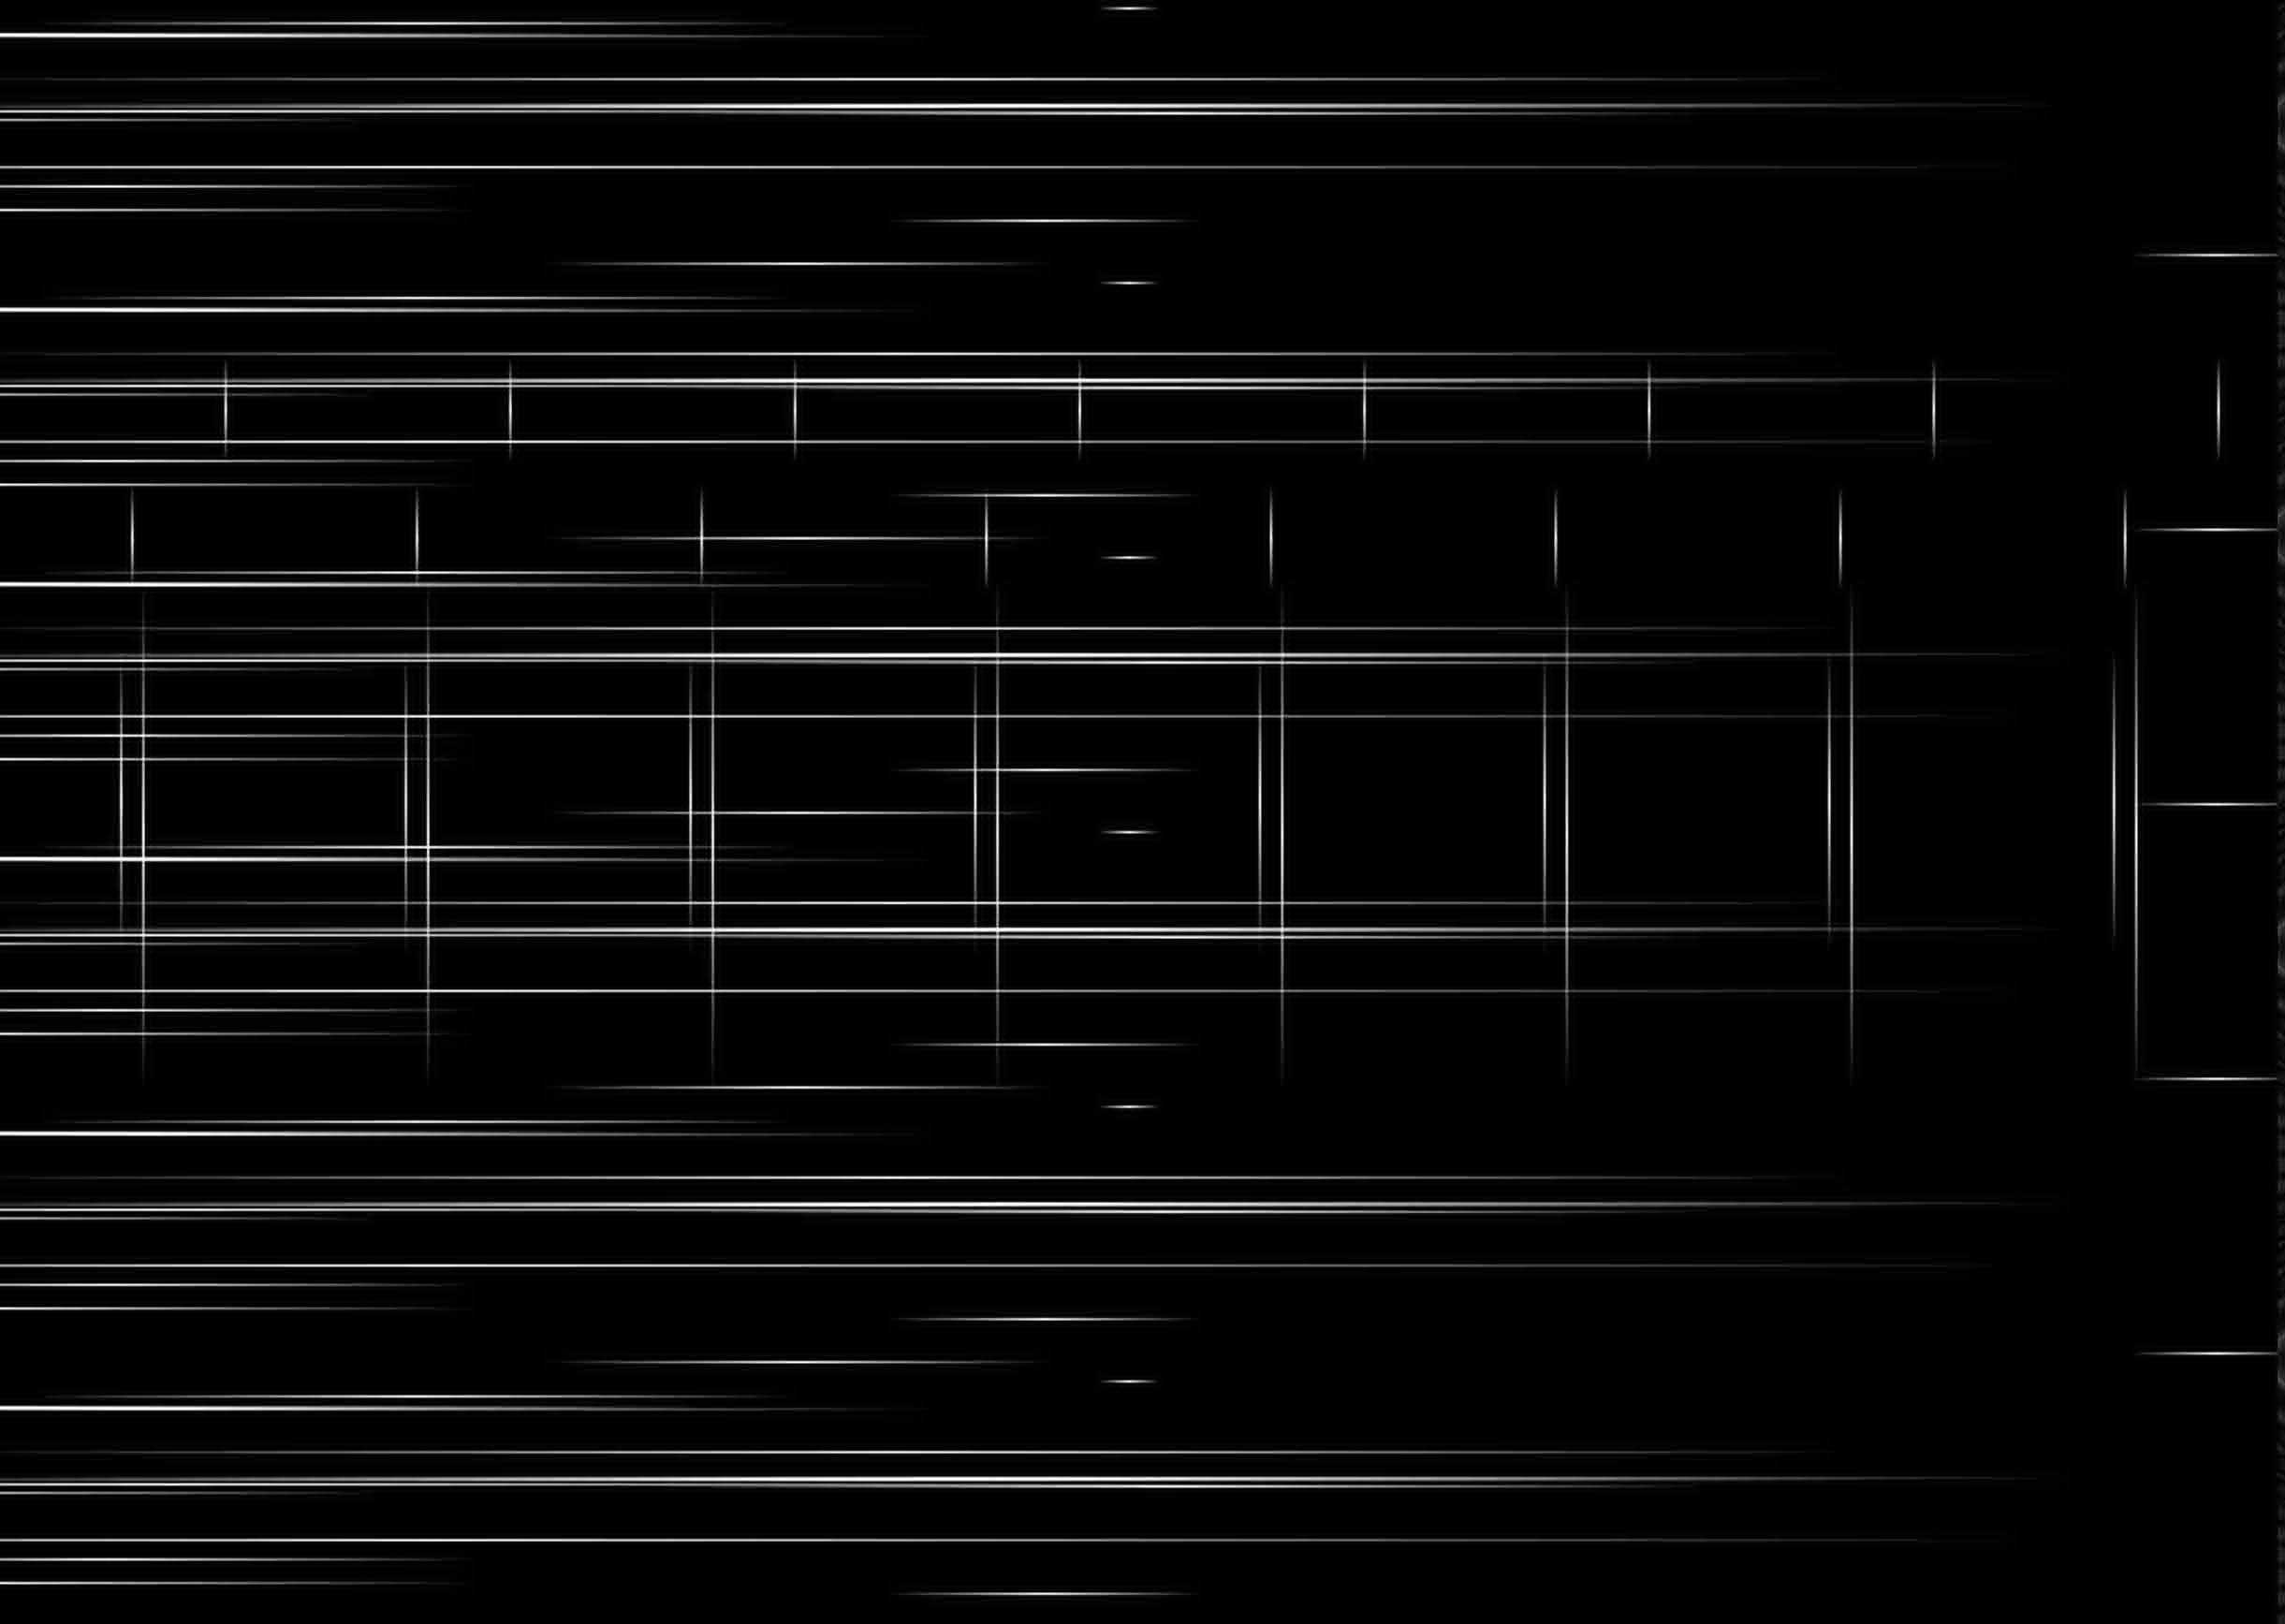 83375 Hintergrundbild herunterladen Minimalismus, Streifen, Schwarzer Hintergrund, Schwarz Und Weiß - Bildschirmschoner und Bilder kostenlos